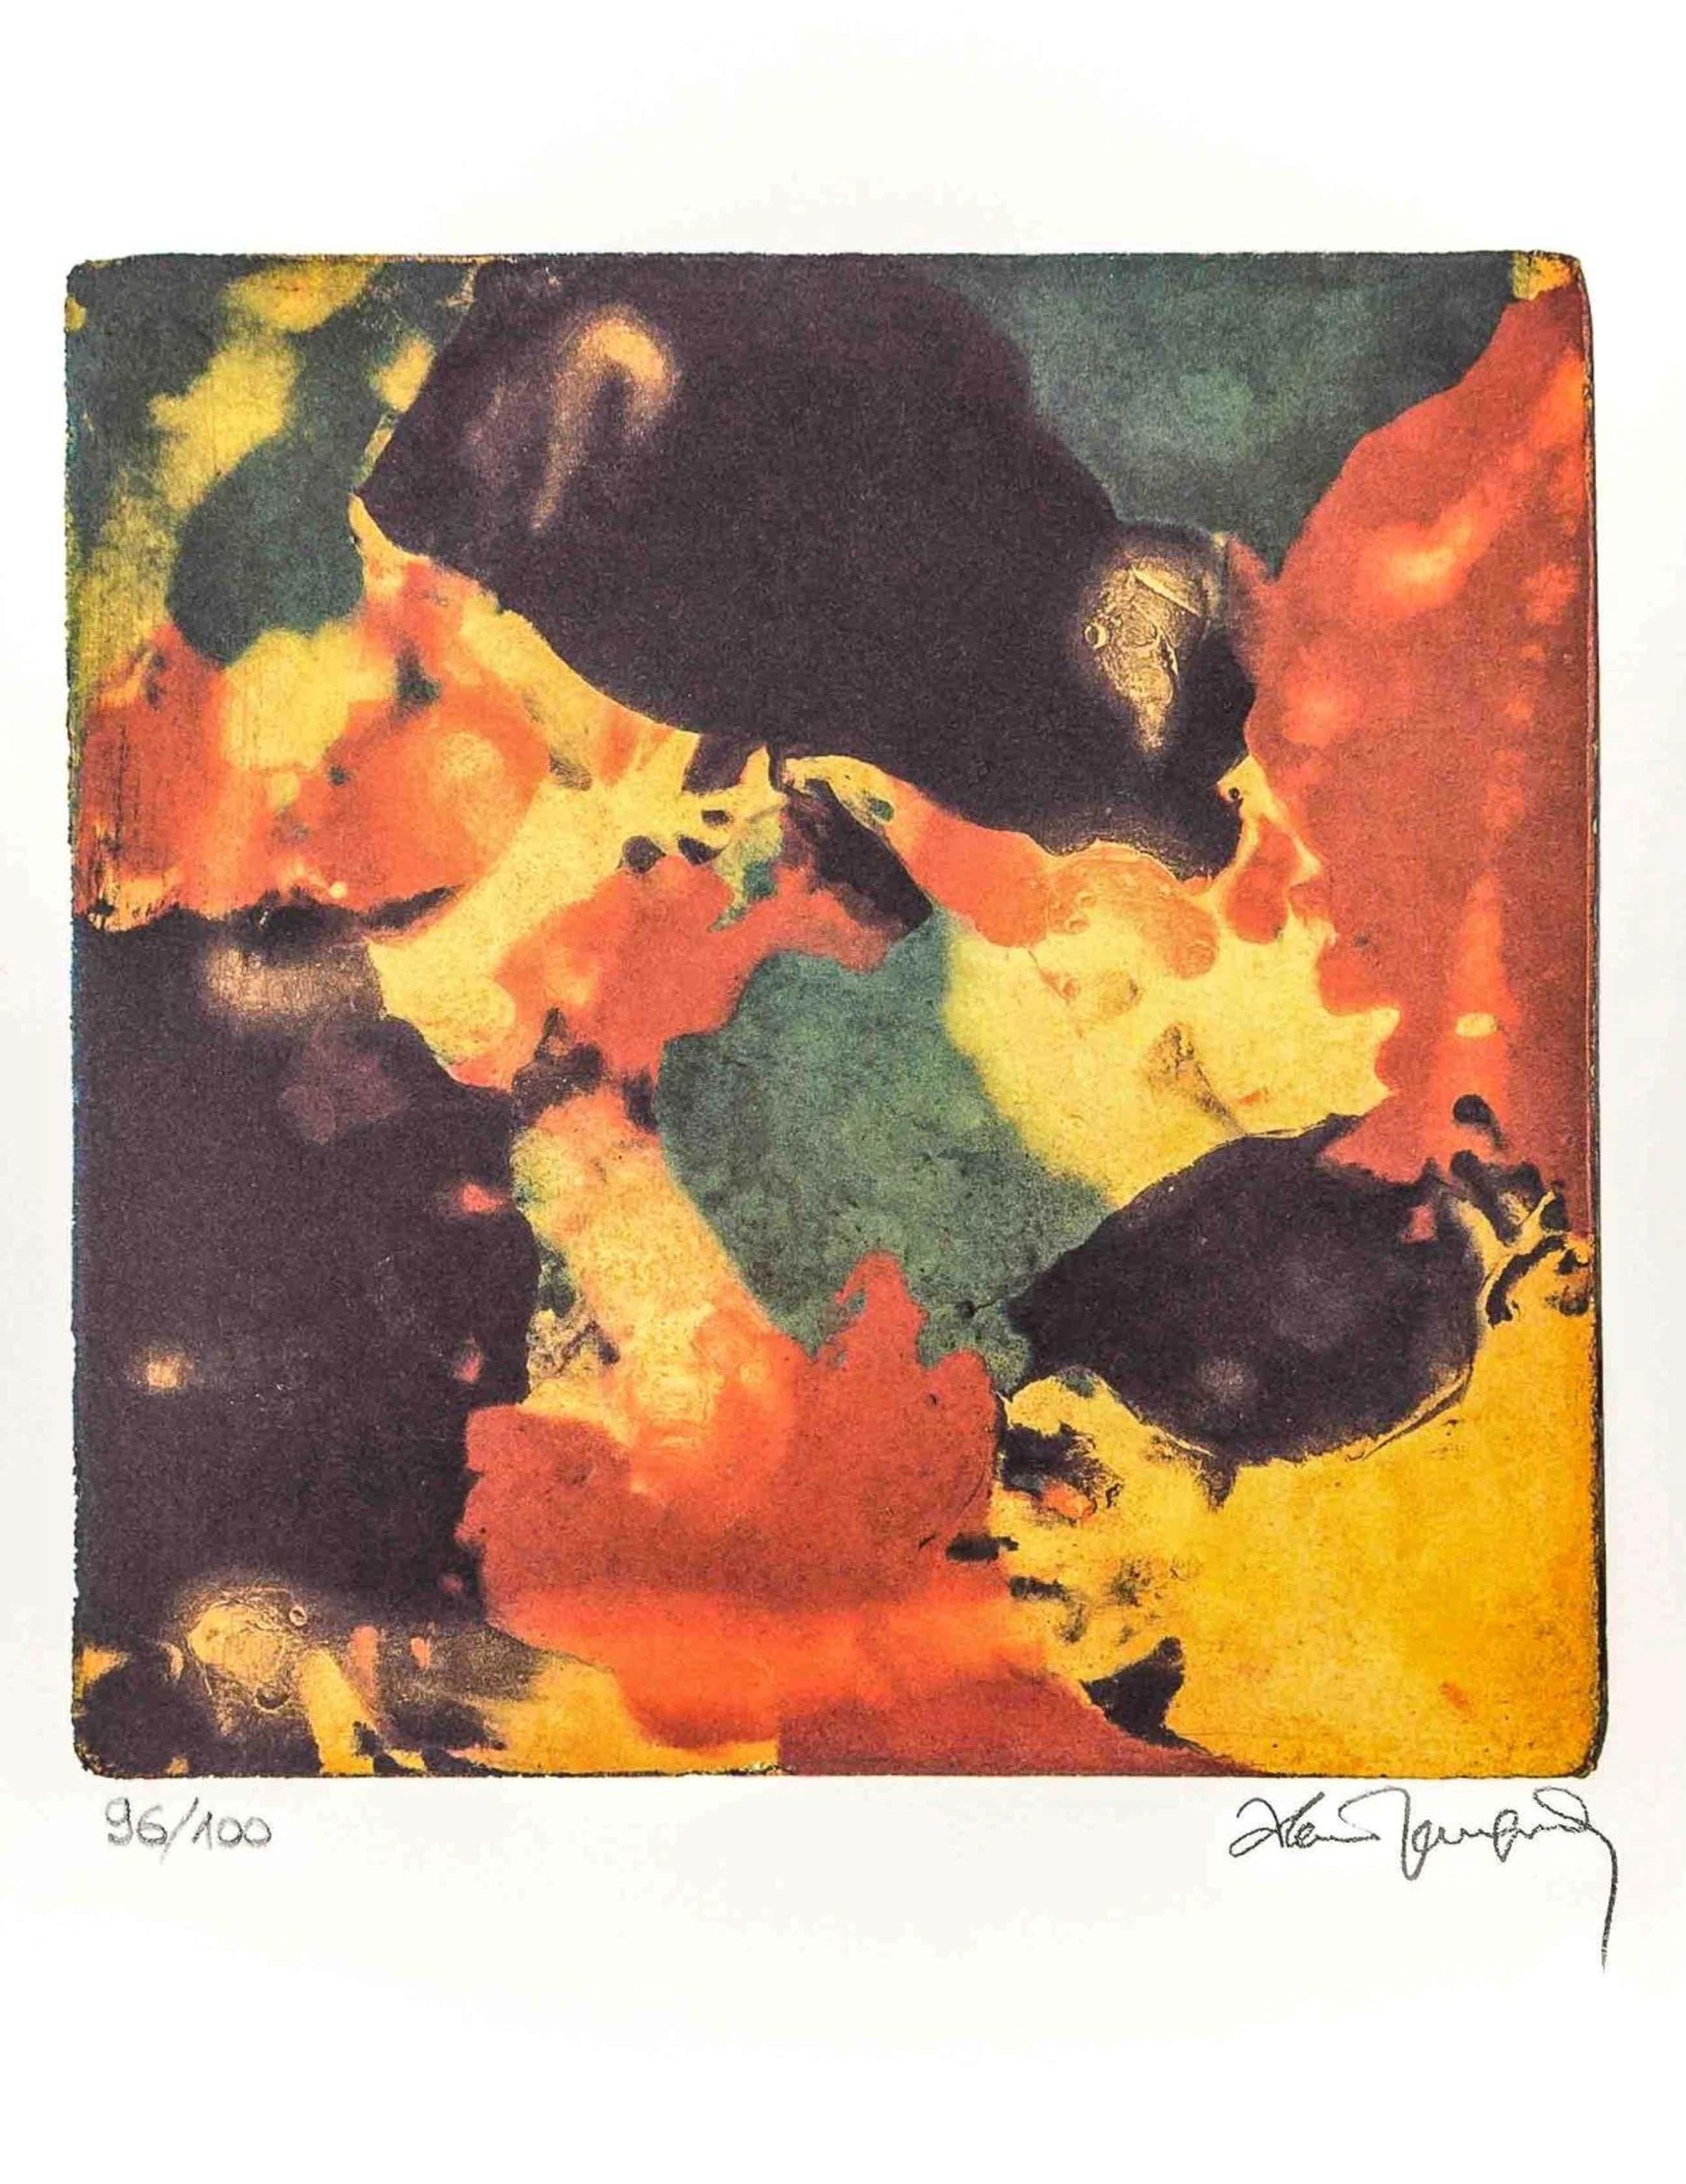 Alain Jacquet - Ohne Titel (Abstrakte Komposition) kopen? Bied vanaf 90!